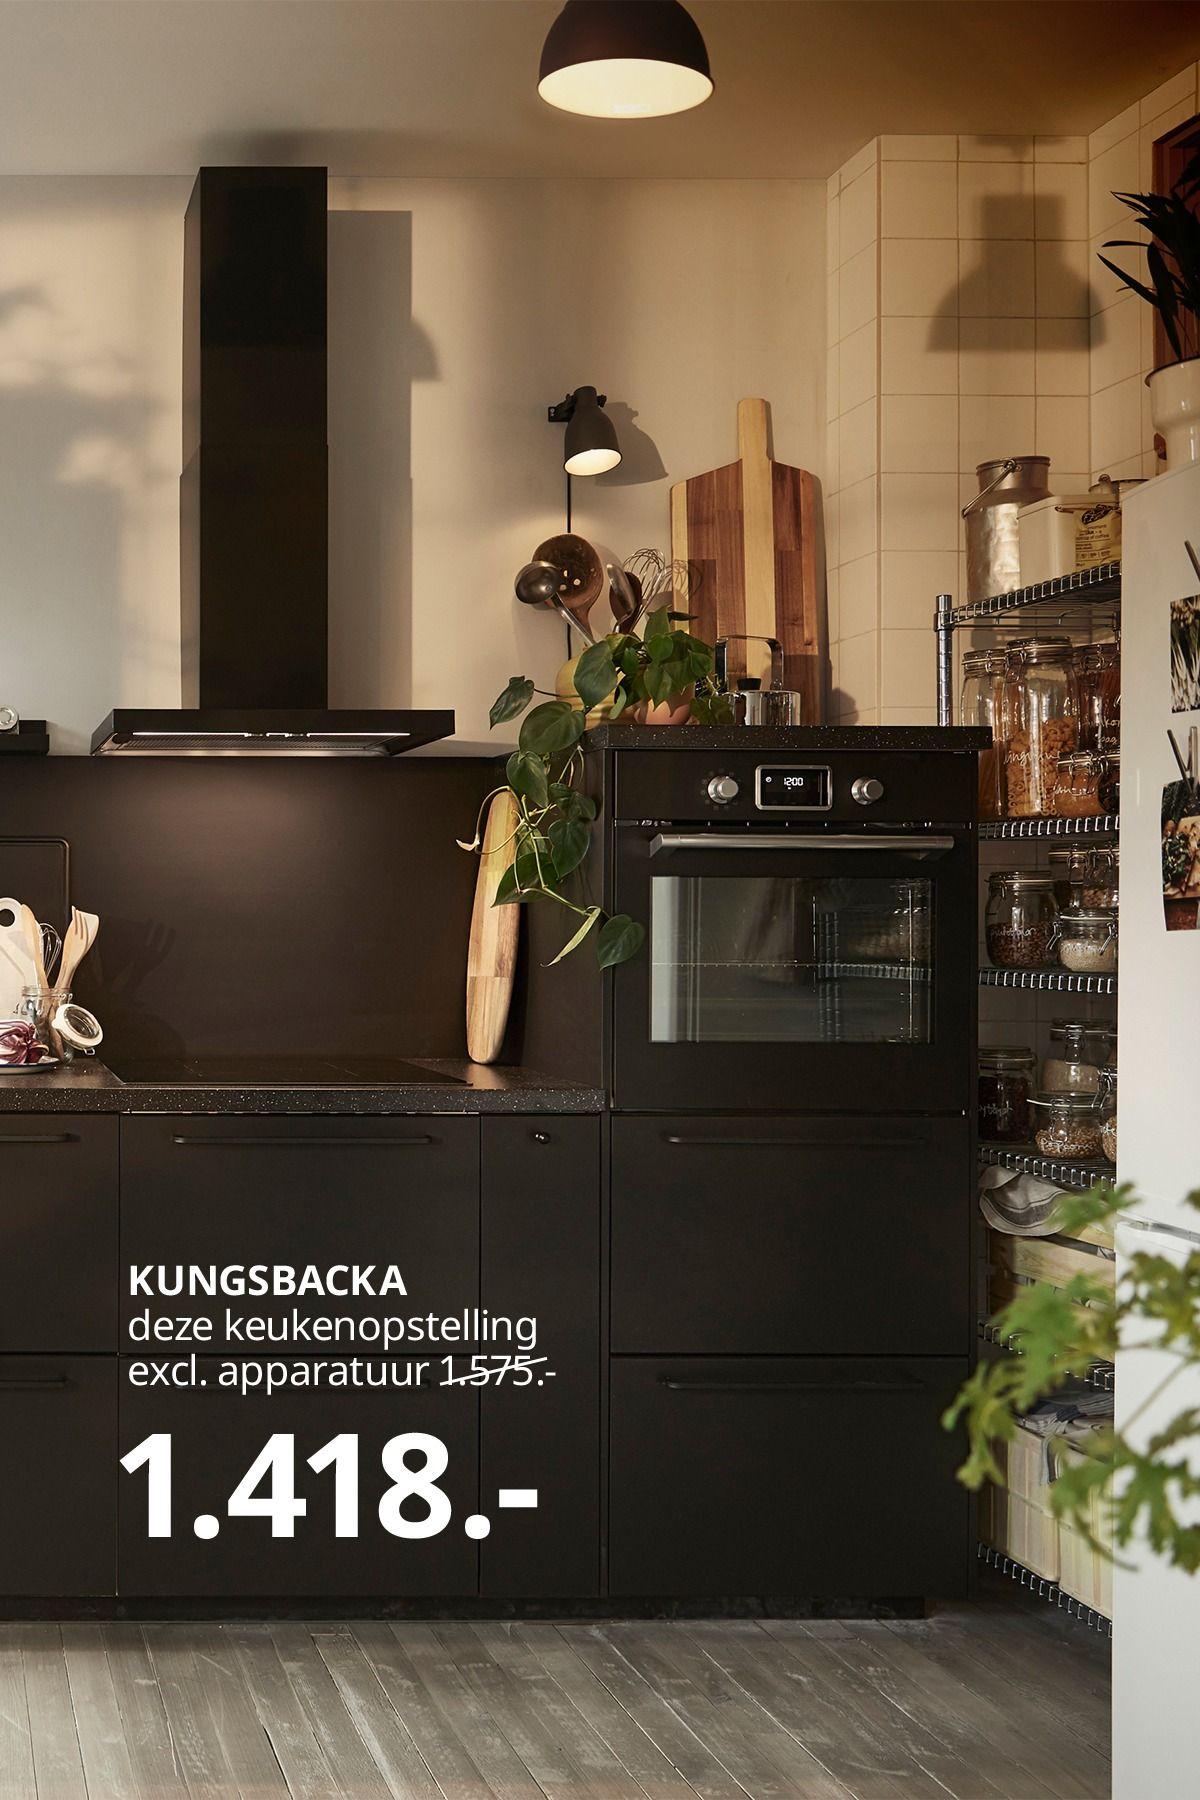 T M 17 Juni 10 Ikea Family Korting Op Alle Keukens Excl Keukenapparatuur Keuken Keuken Handgrepen Keuken Inspiratie